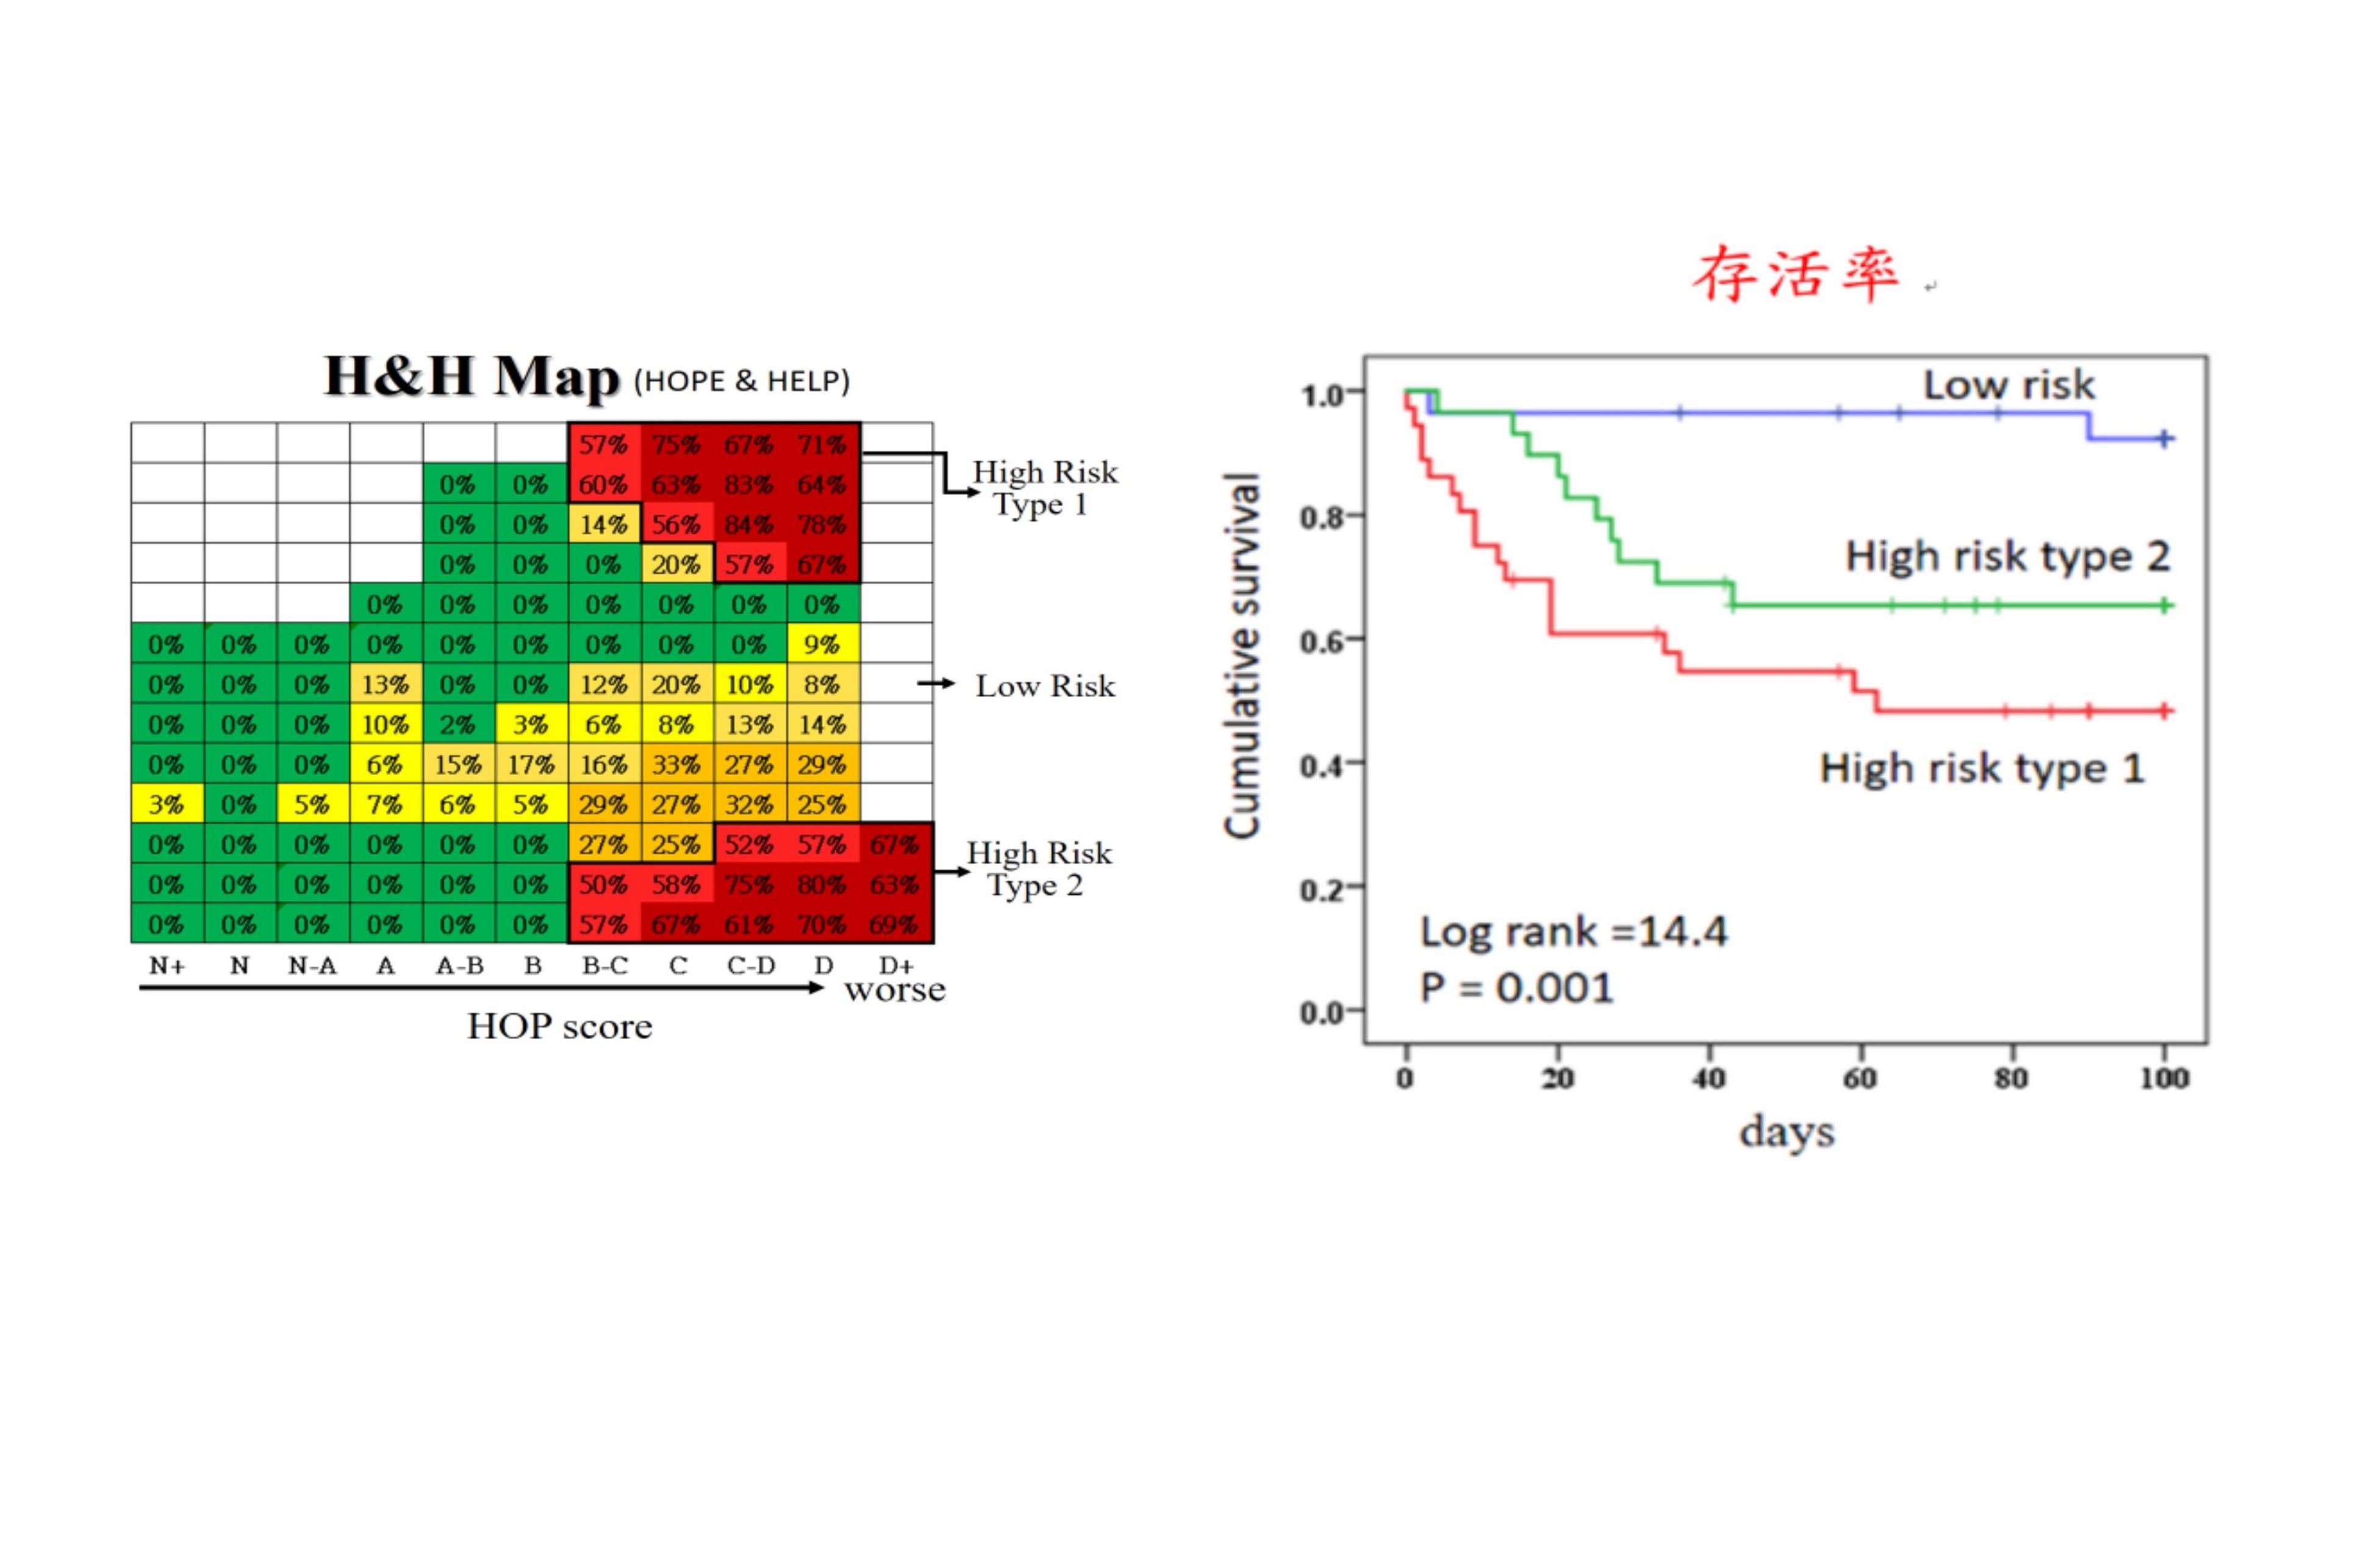 在較嚴重感染的病人,若為H&H MAP中的type 1,死亡風險升高10倍,若為type 2的,則死亡風險升高6倍。